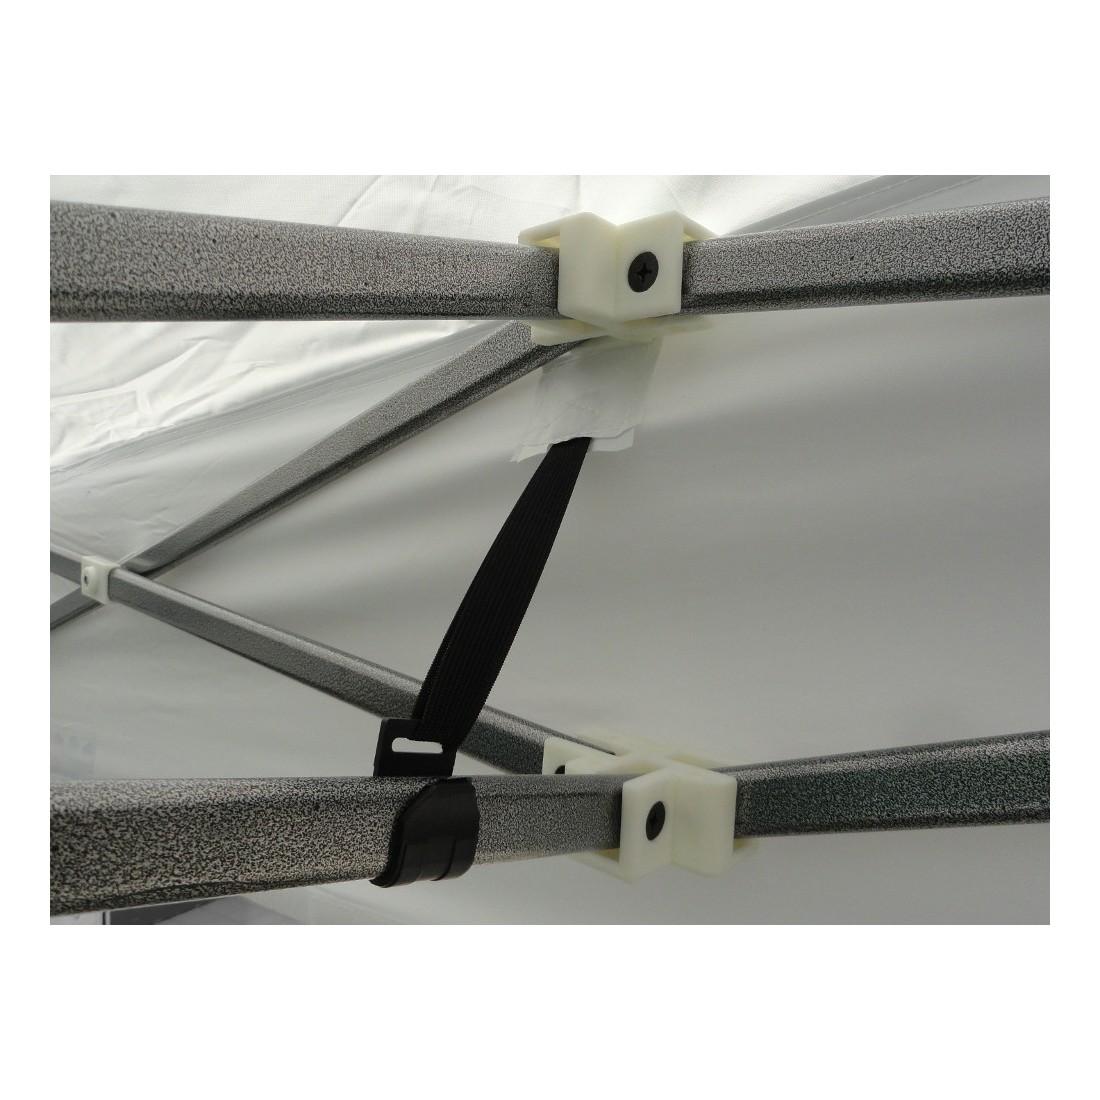 Elastiques de tension sur chaque c t de la tonnelle pliante pour bien tendre la b che de toit - Tonnelle de jardin pliante ...